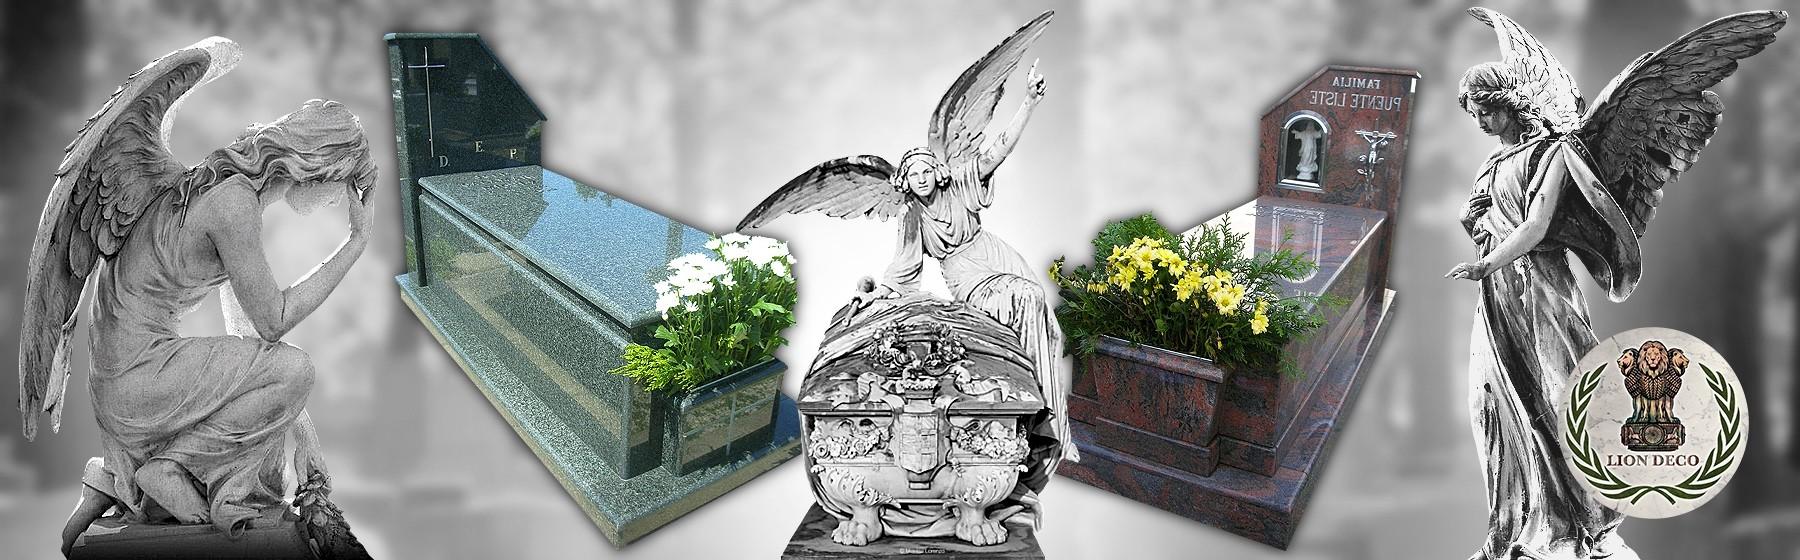 16. Arte Sacro y Funerario